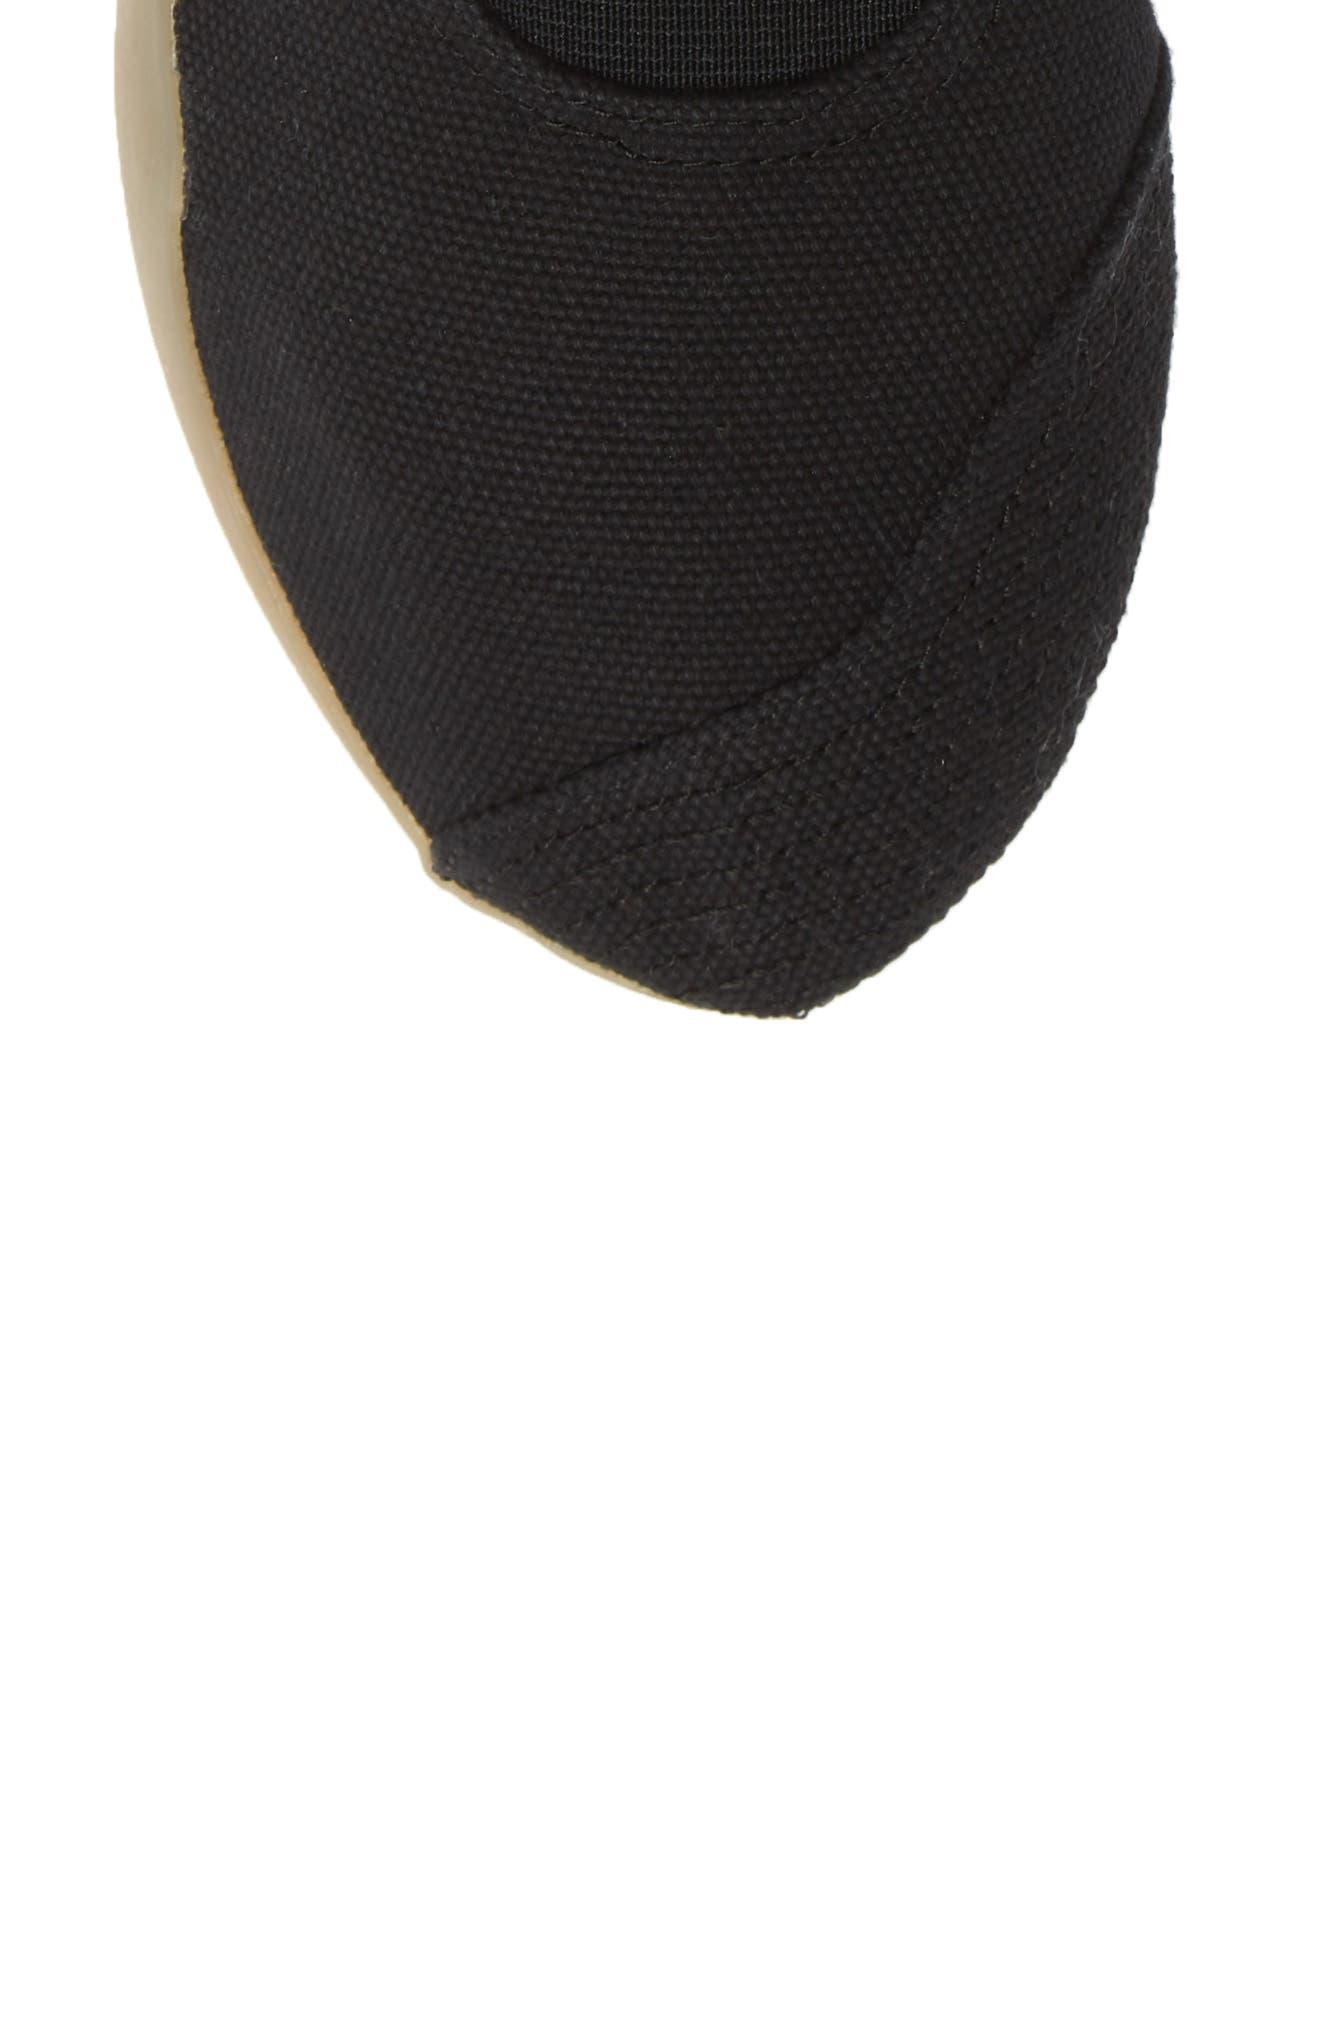 Taekwondo Slip-On Sneaker,                             Alternate thumbnail 5, color,                             CORE BLACK/ WHITE/ GUM 3